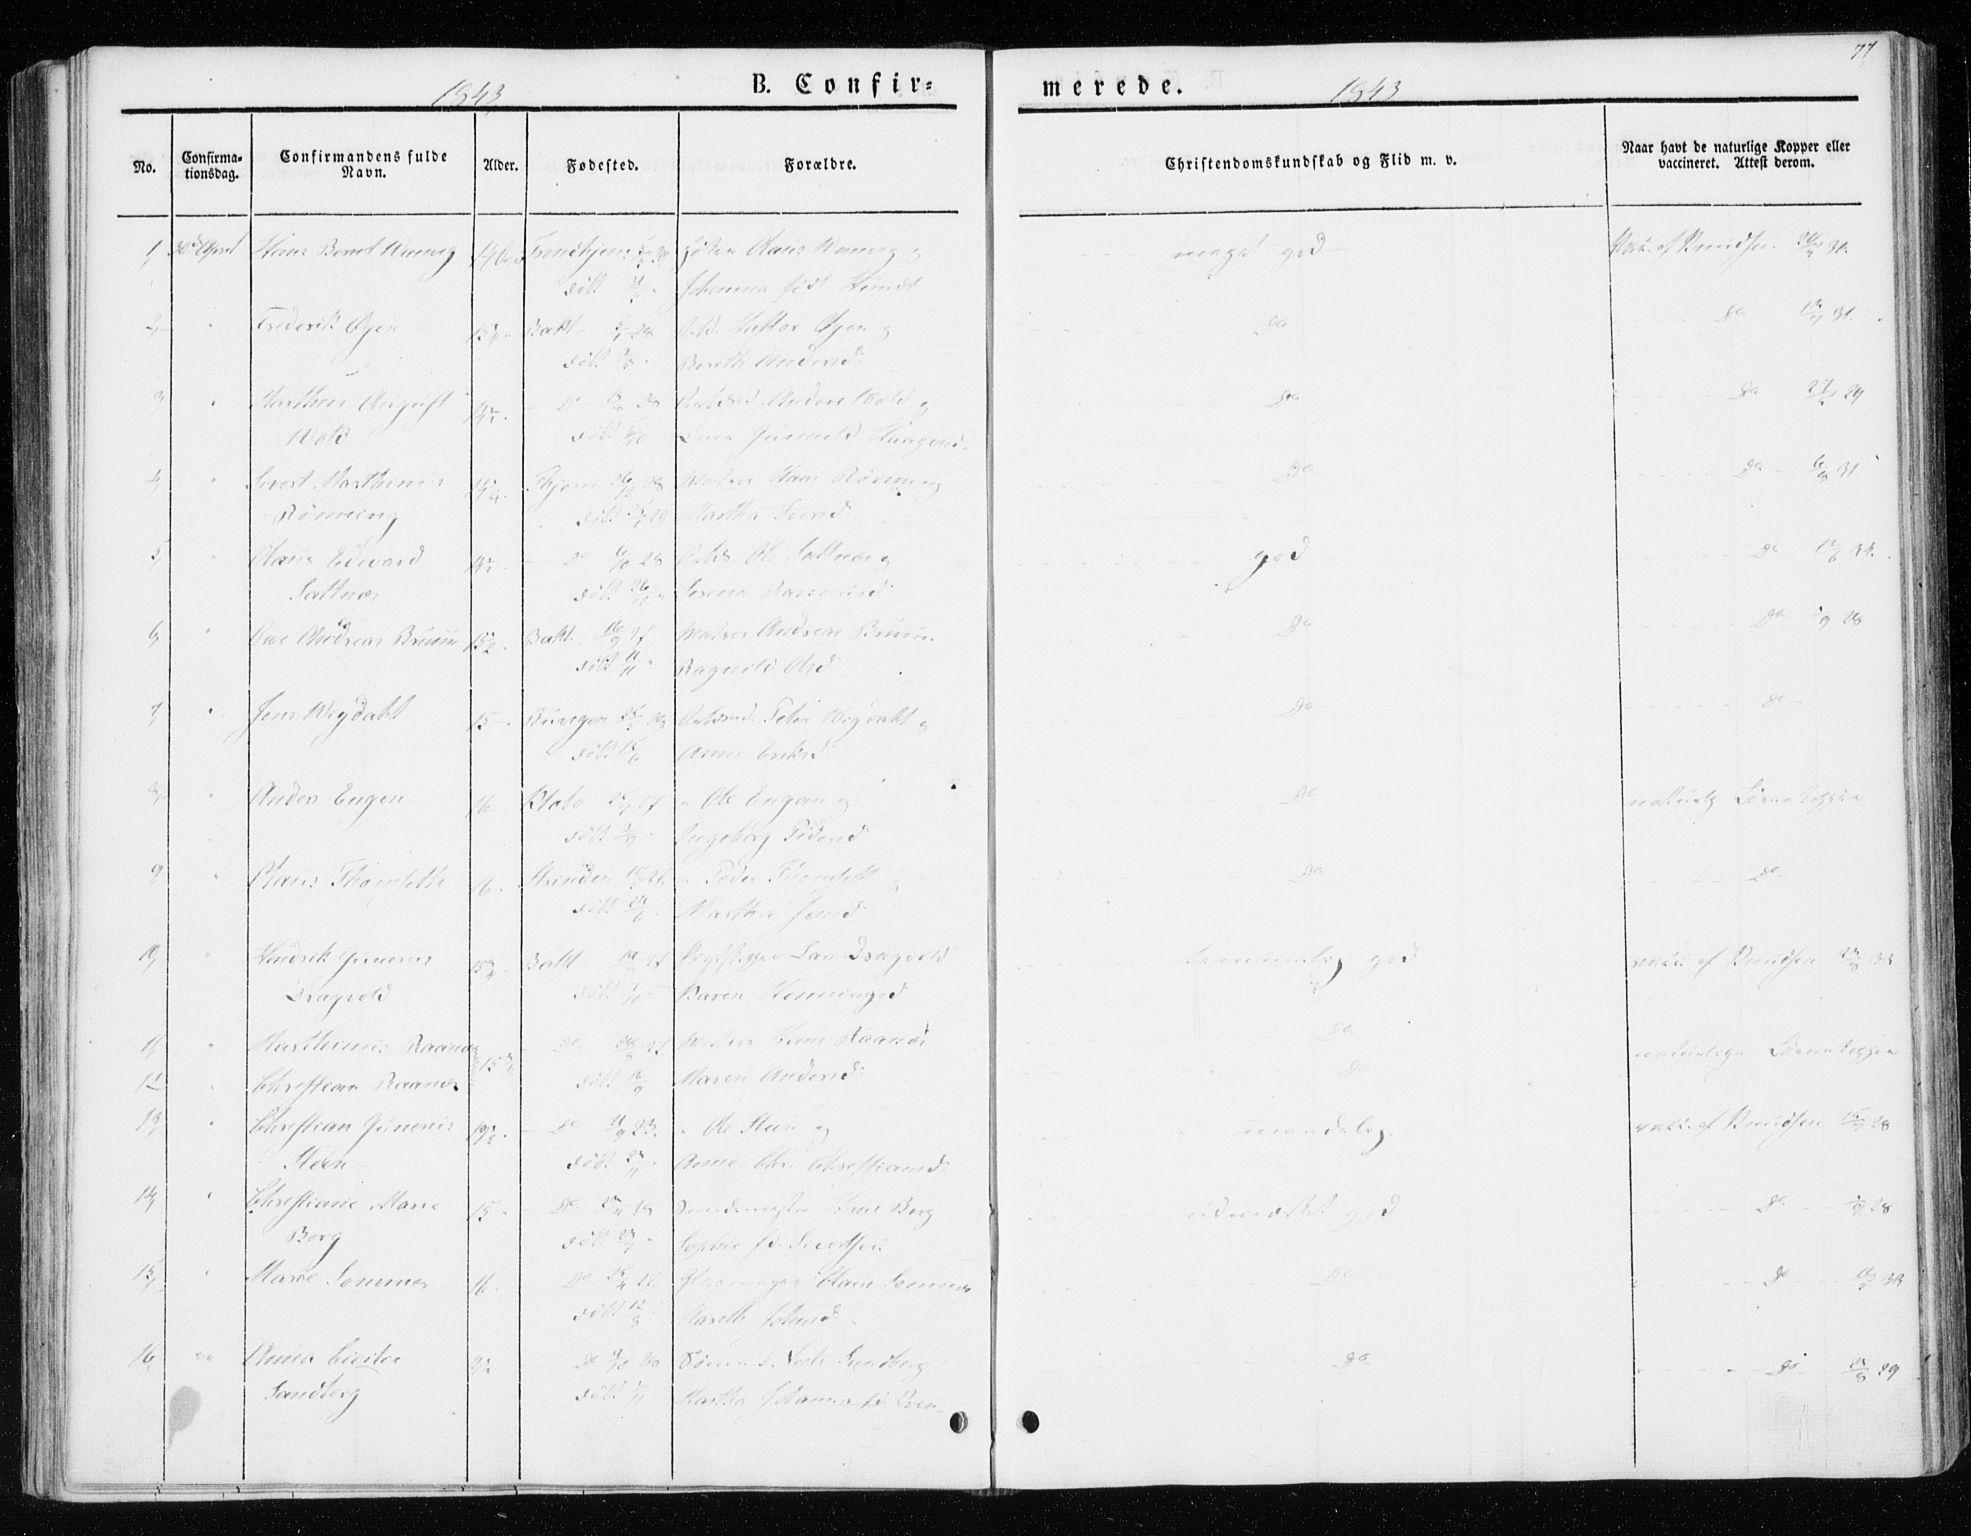 SAT, Ministerialprotokoller, klokkerbøker og fødselsregistre - Sør-Trøndelag, 604/L0183: Ministerialbok nr. 604A04, 1841-1850, s. 77